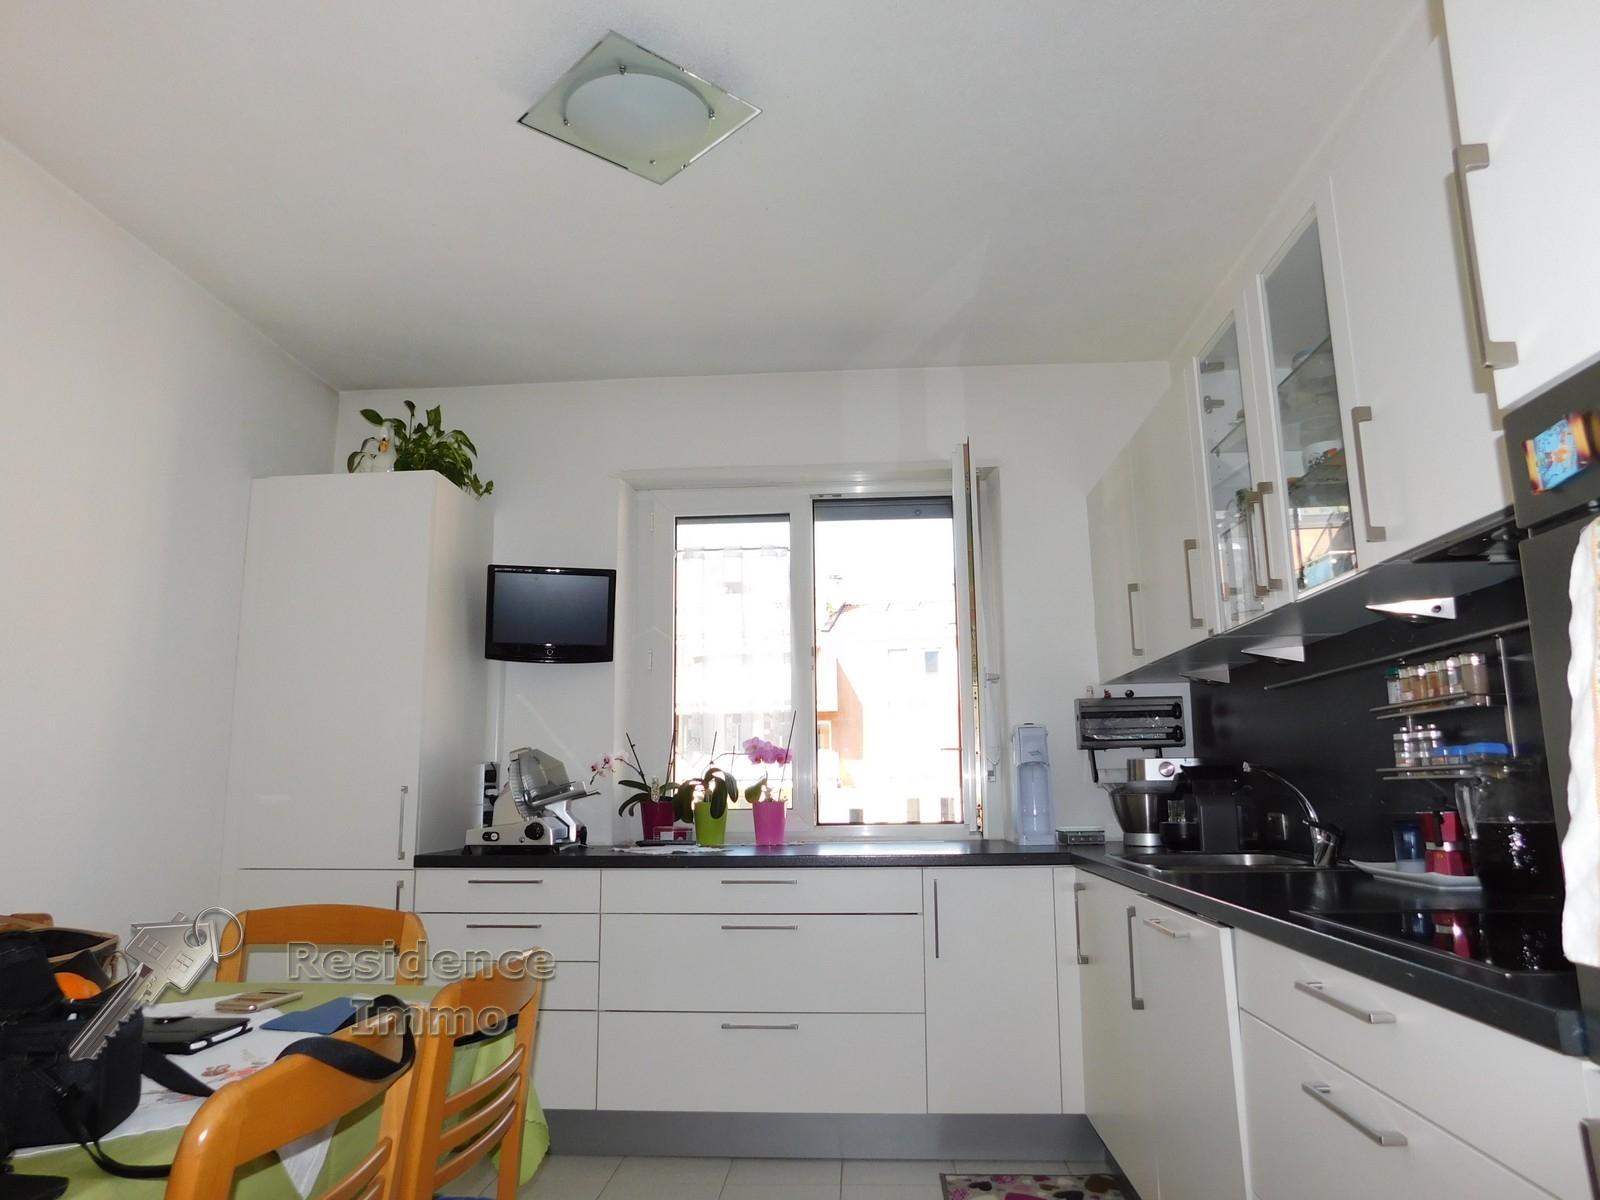 Attico / Mansarda in vendita a Bolzano, 5 locali, zona Zona: Centro, prezzo € 410.000 | Cambio Casa.it